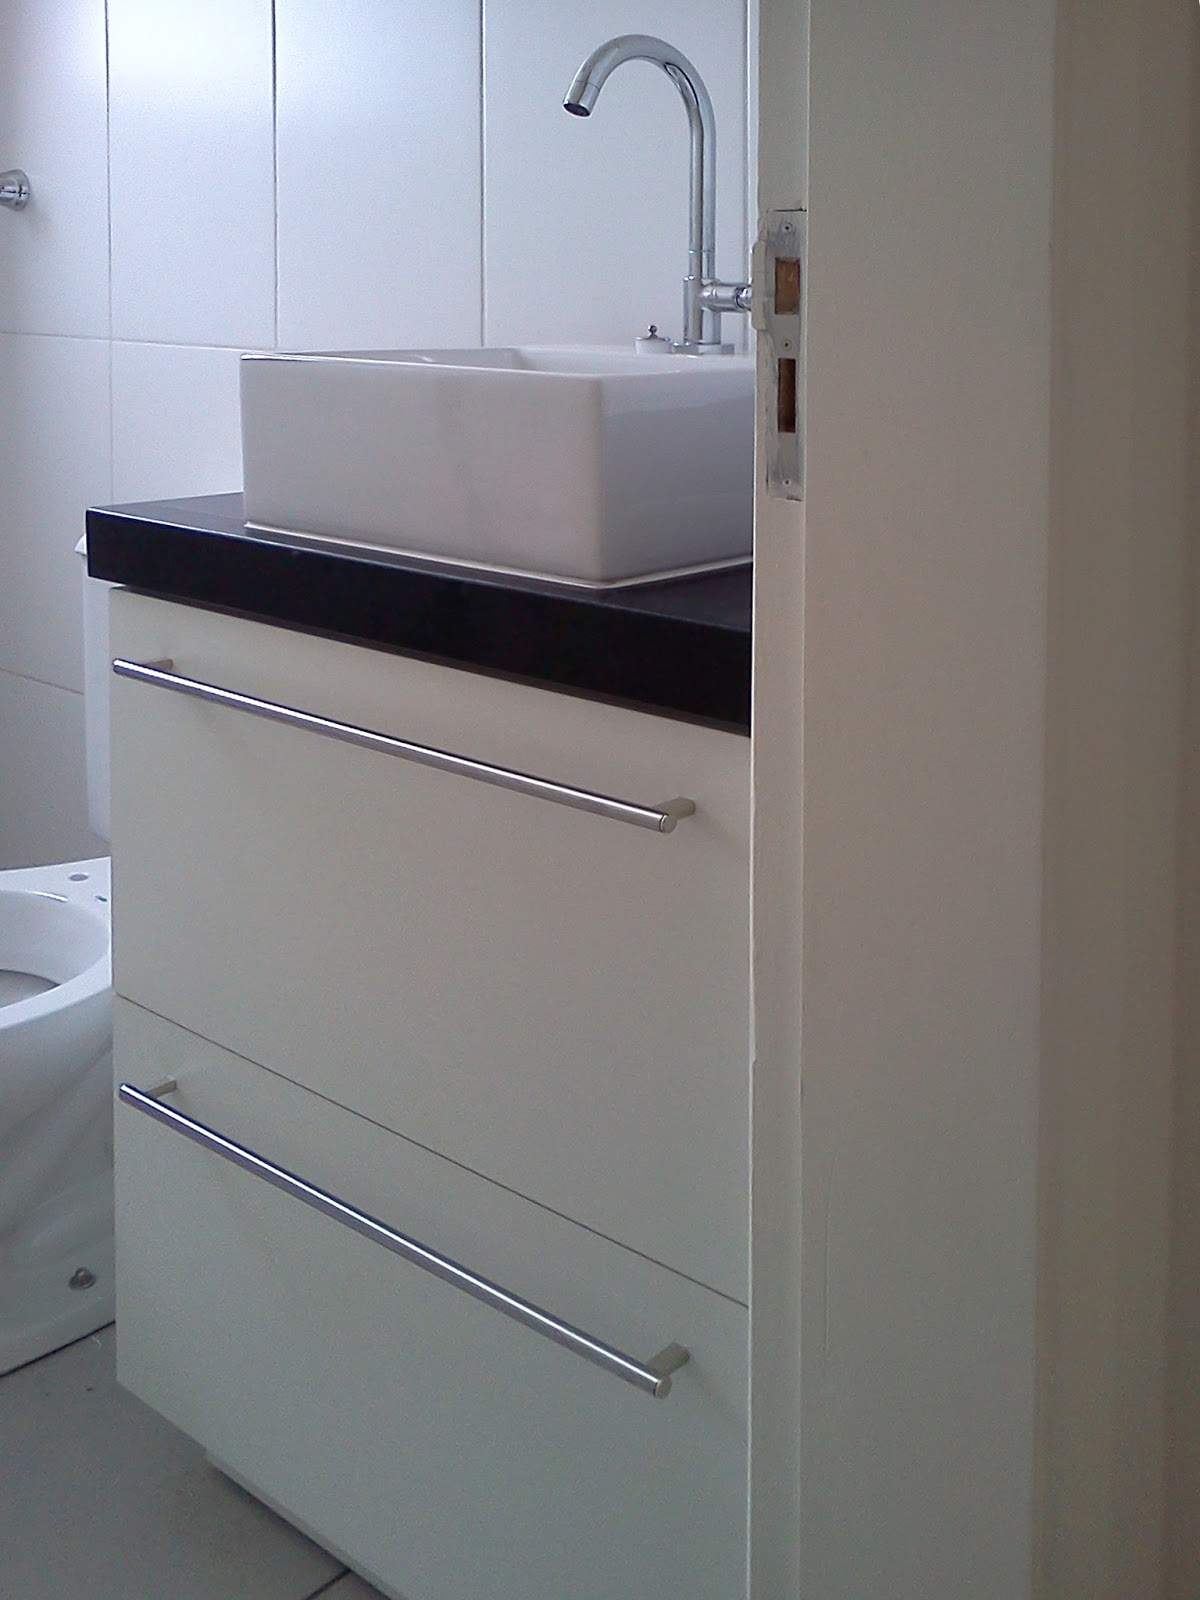 Banheiro Apartamento Mrv  rinkratmagcom banheiros decorados 2017 -> Banheiro Planejado Mrv